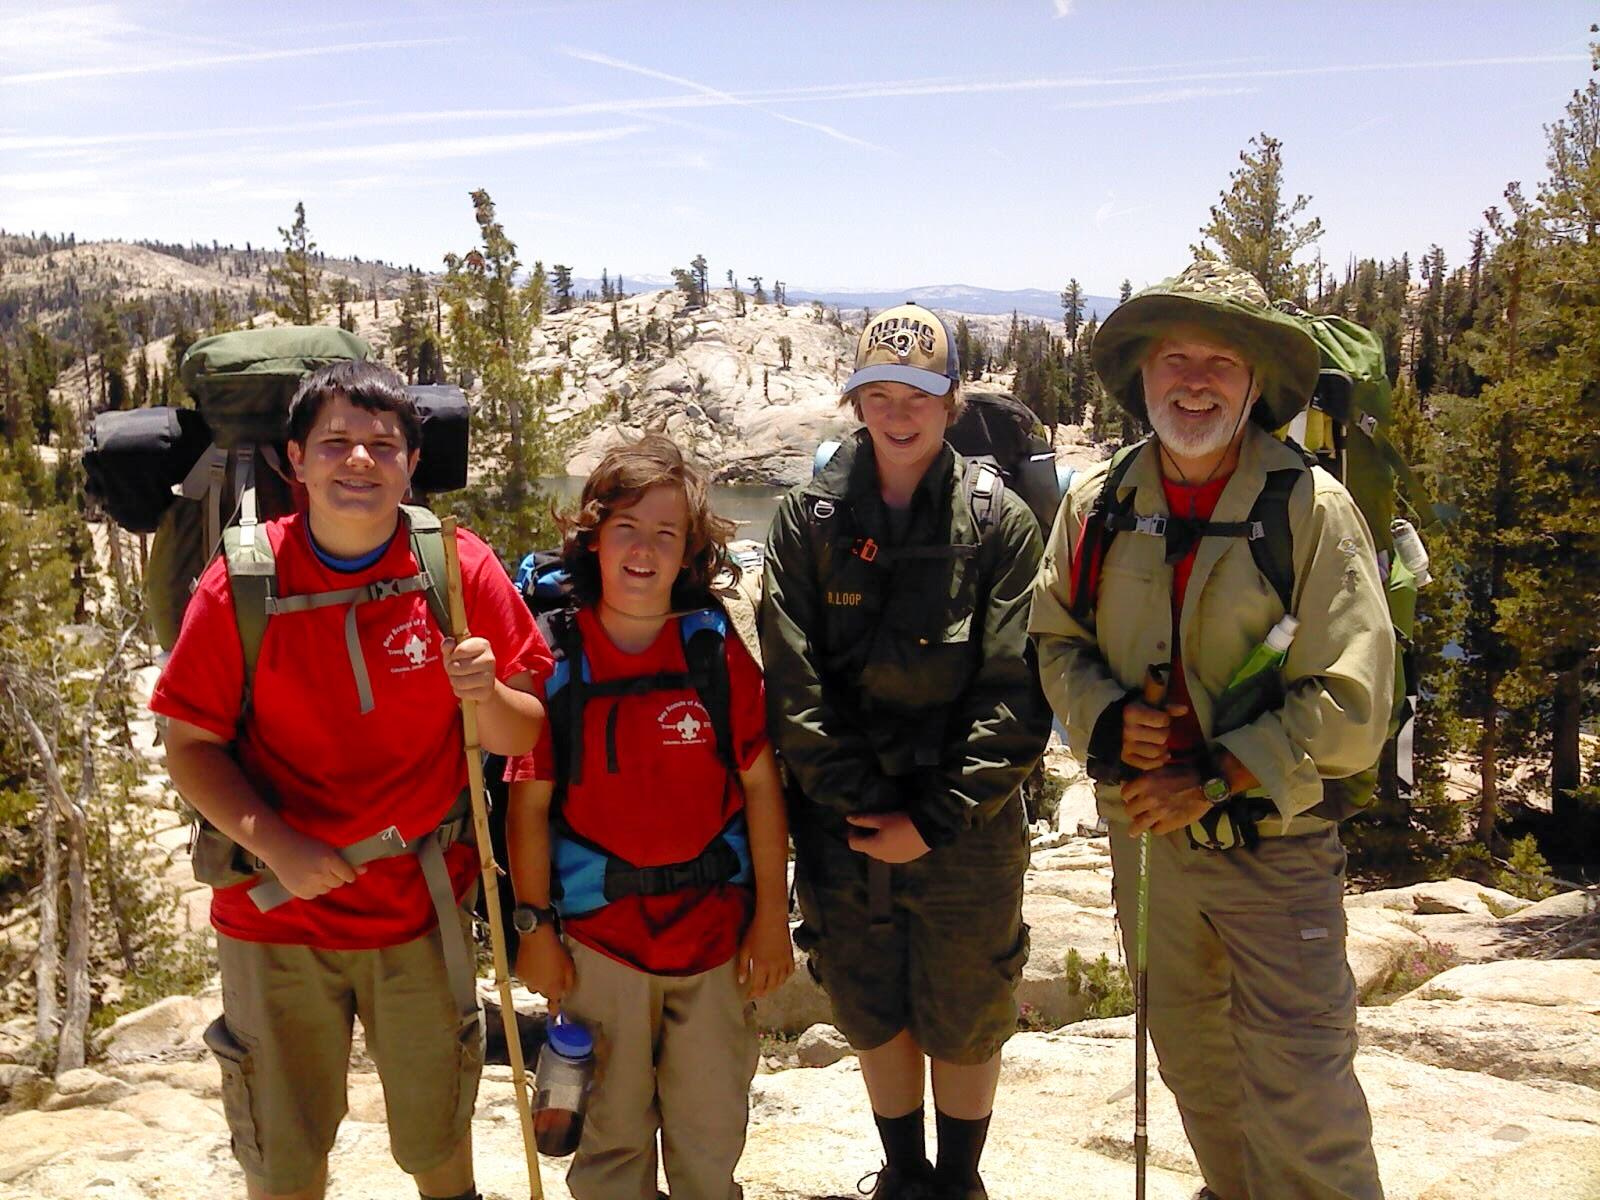 Motherlode Scouting Emigrant Wilderness Loop Backpacking Trip June 20 24